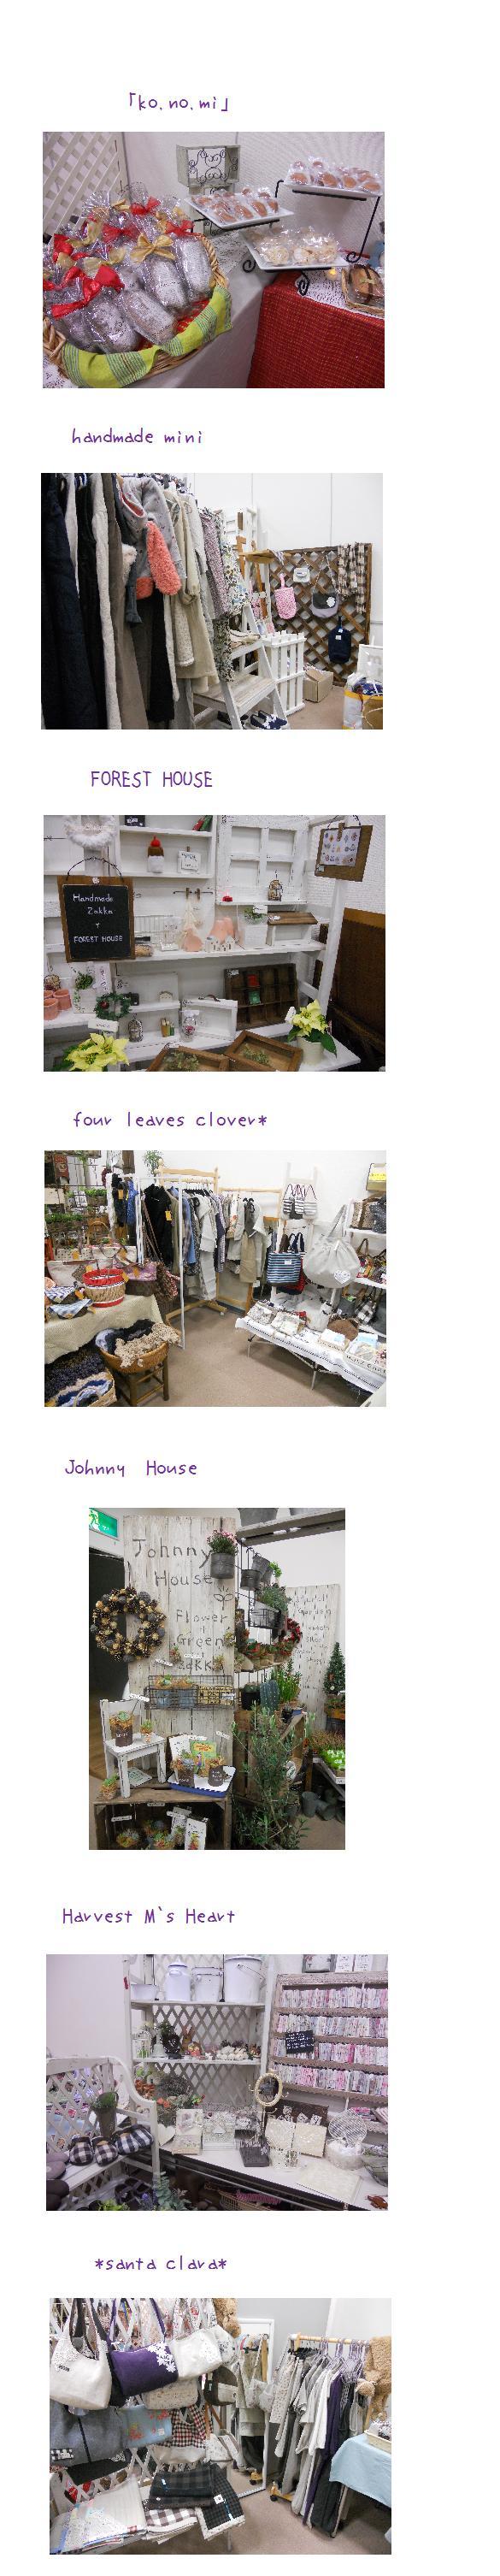 doudou 2010 1.jpg